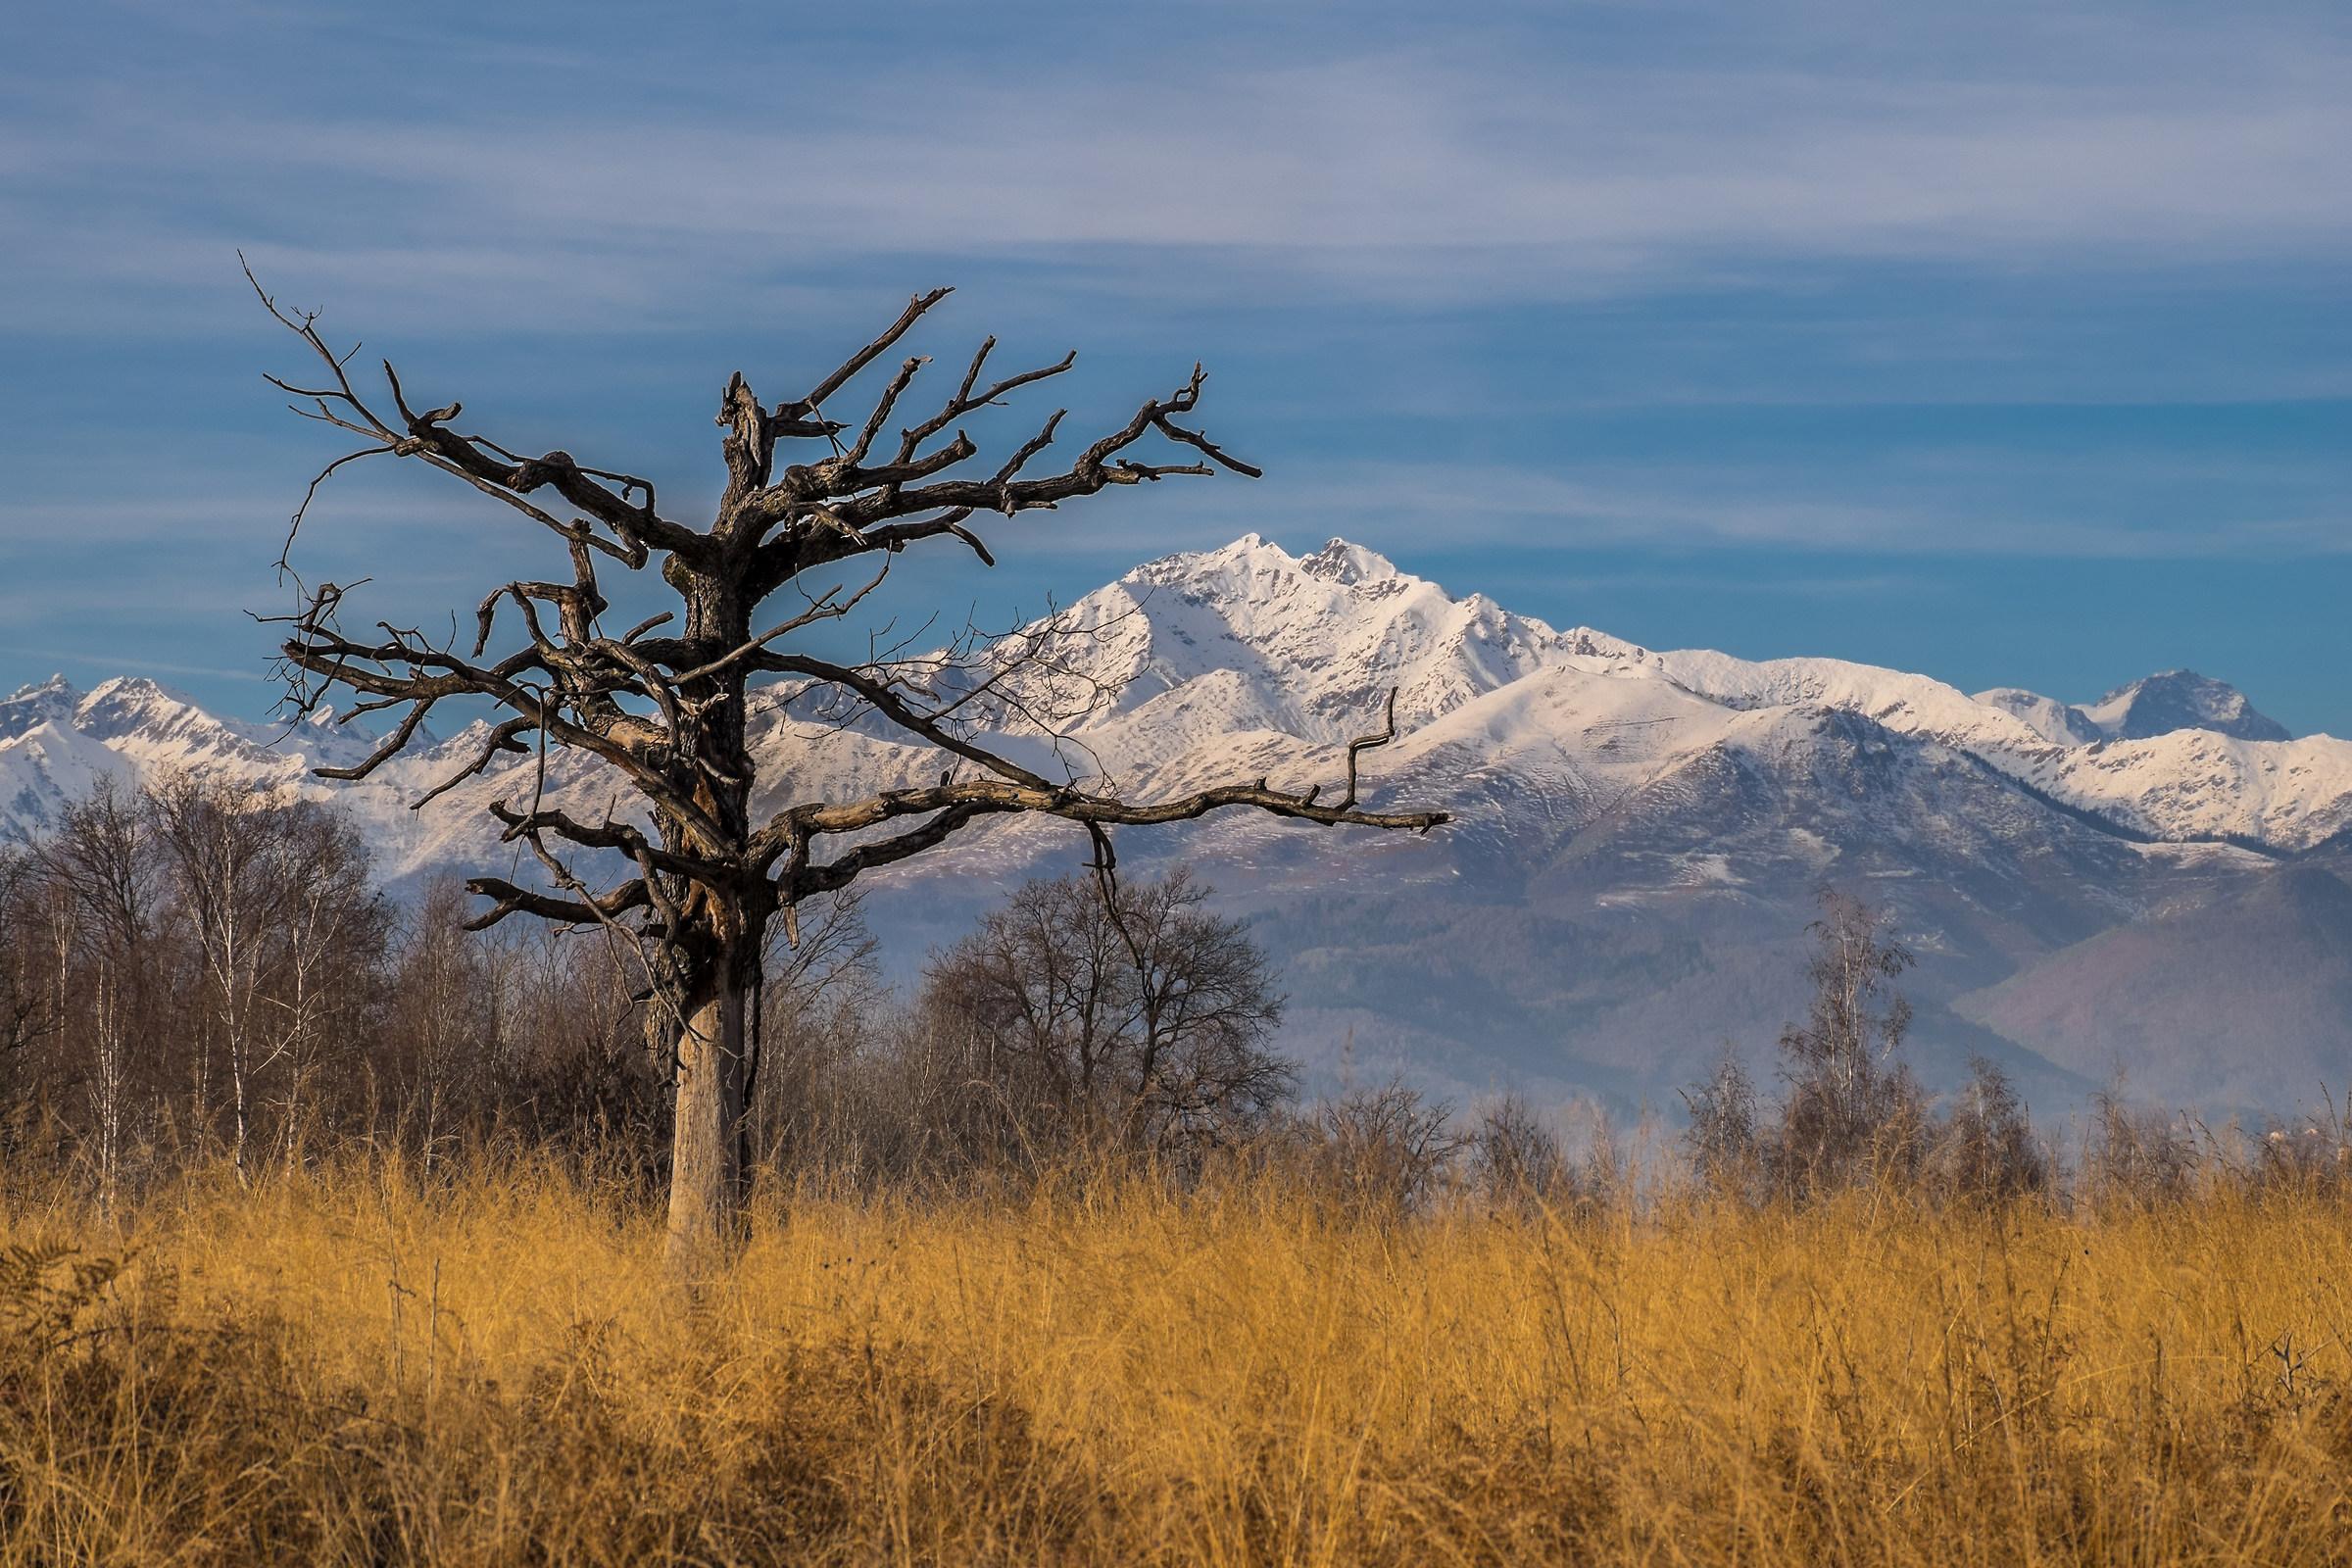 La savana africana in Piemonte...